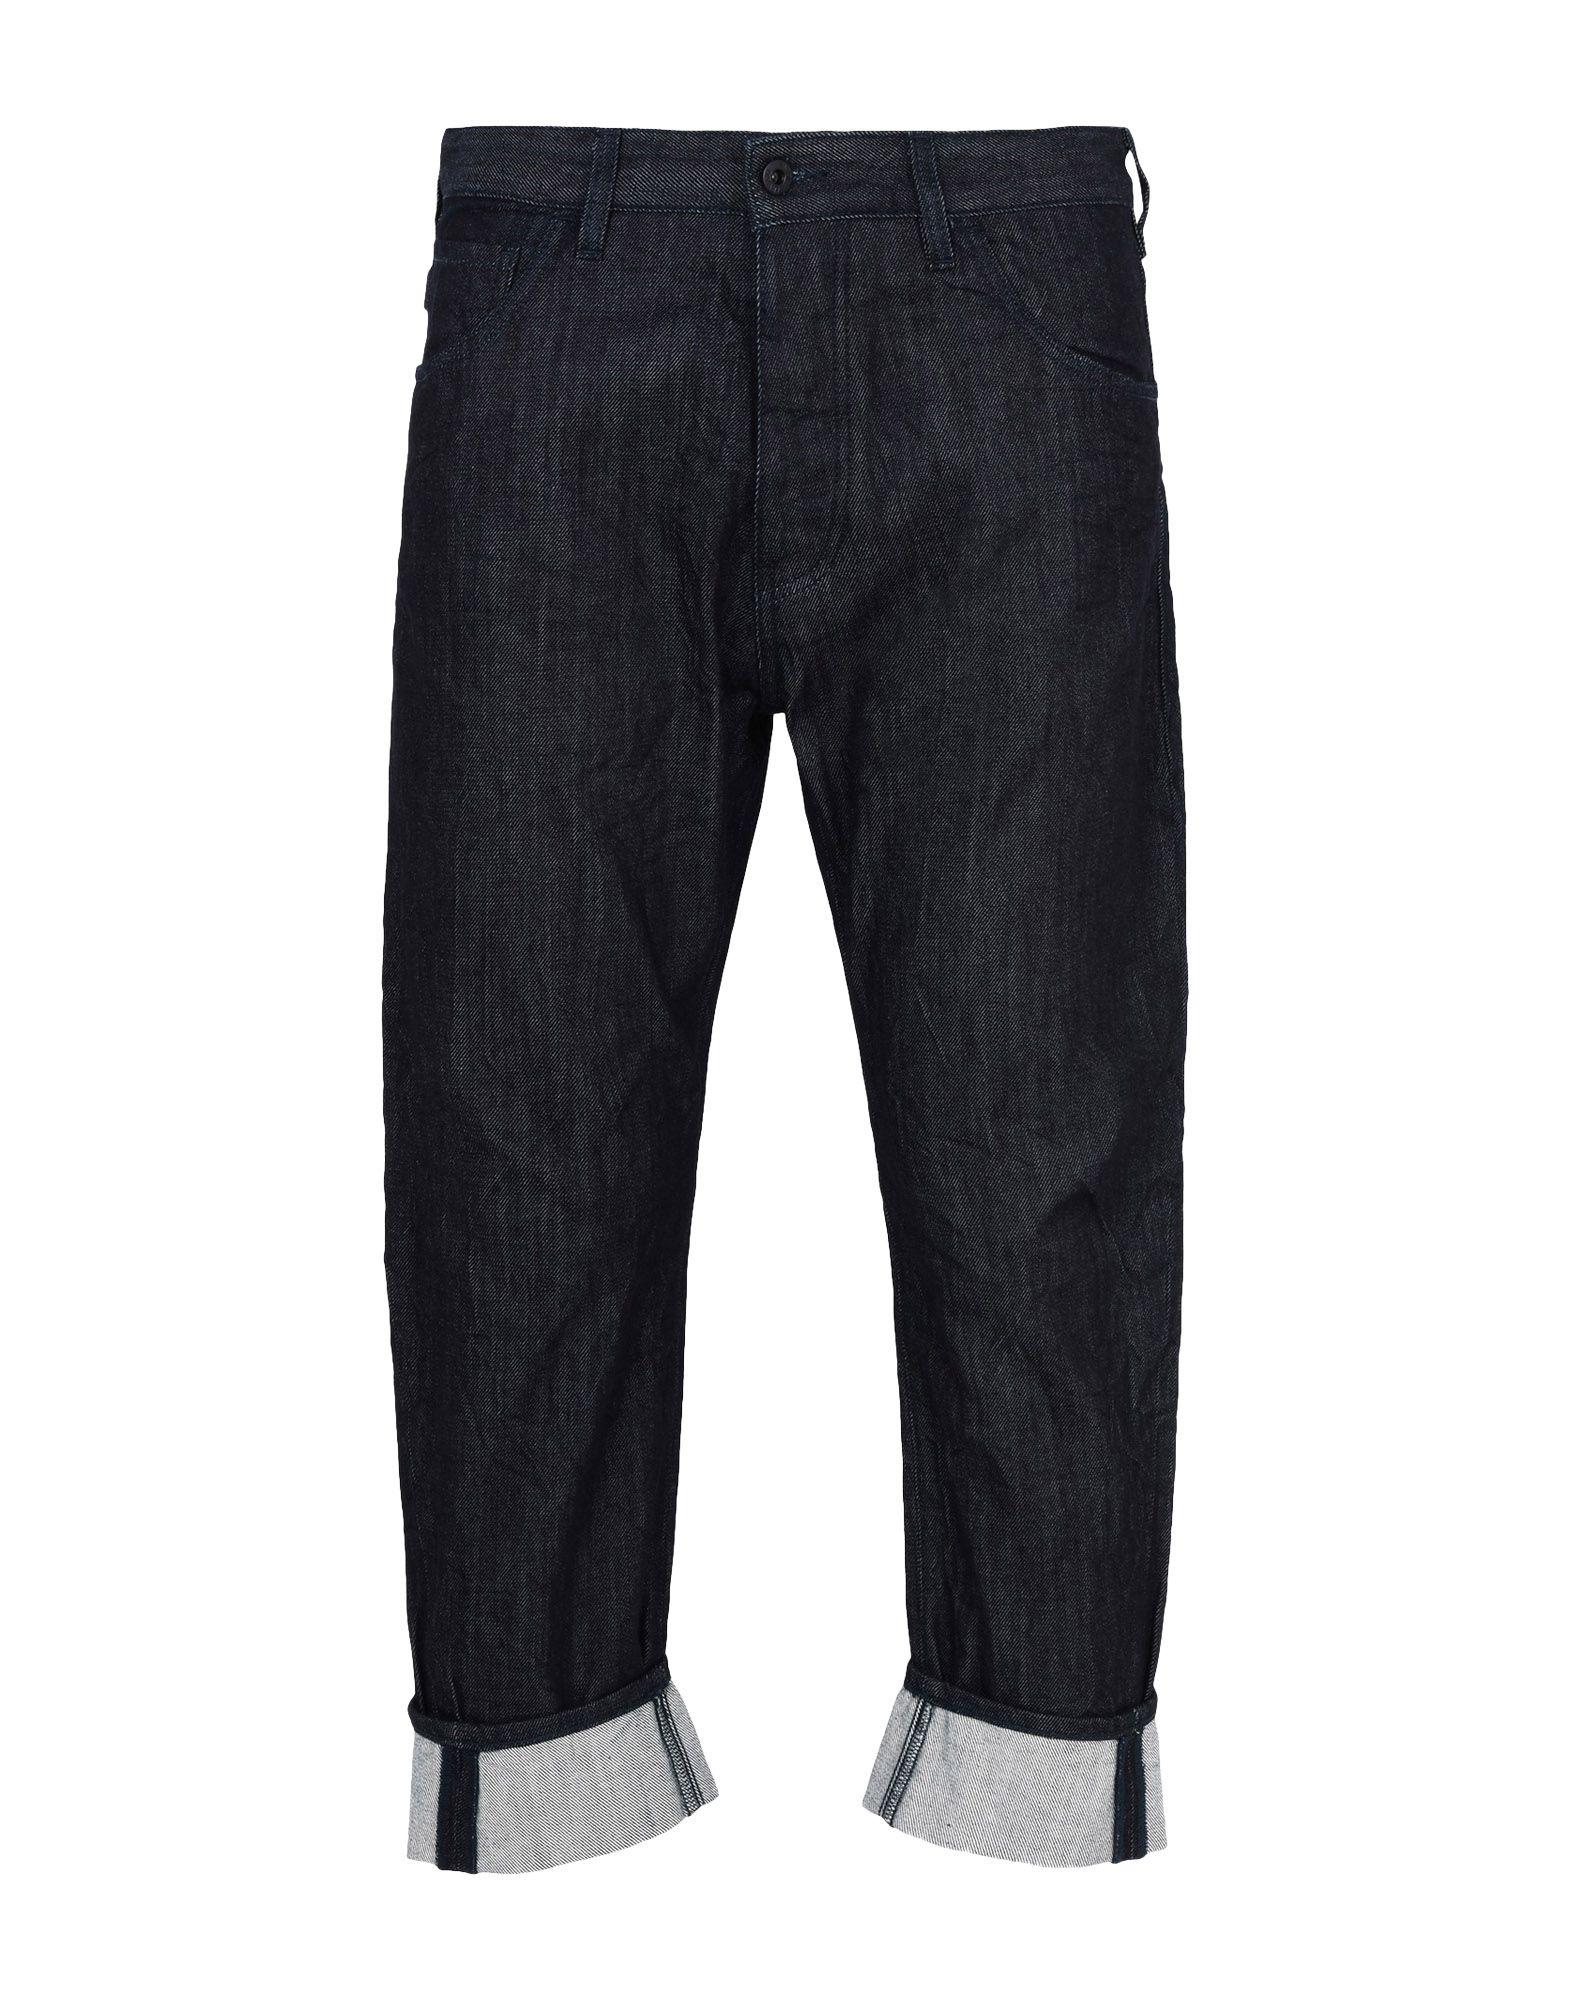 ARMANI JEANS Джинсовые брюки 2017 boyfriend hole ripped low waist jeans women vintage lace floral cool denim pencil pants lady bleached washed jeans femme